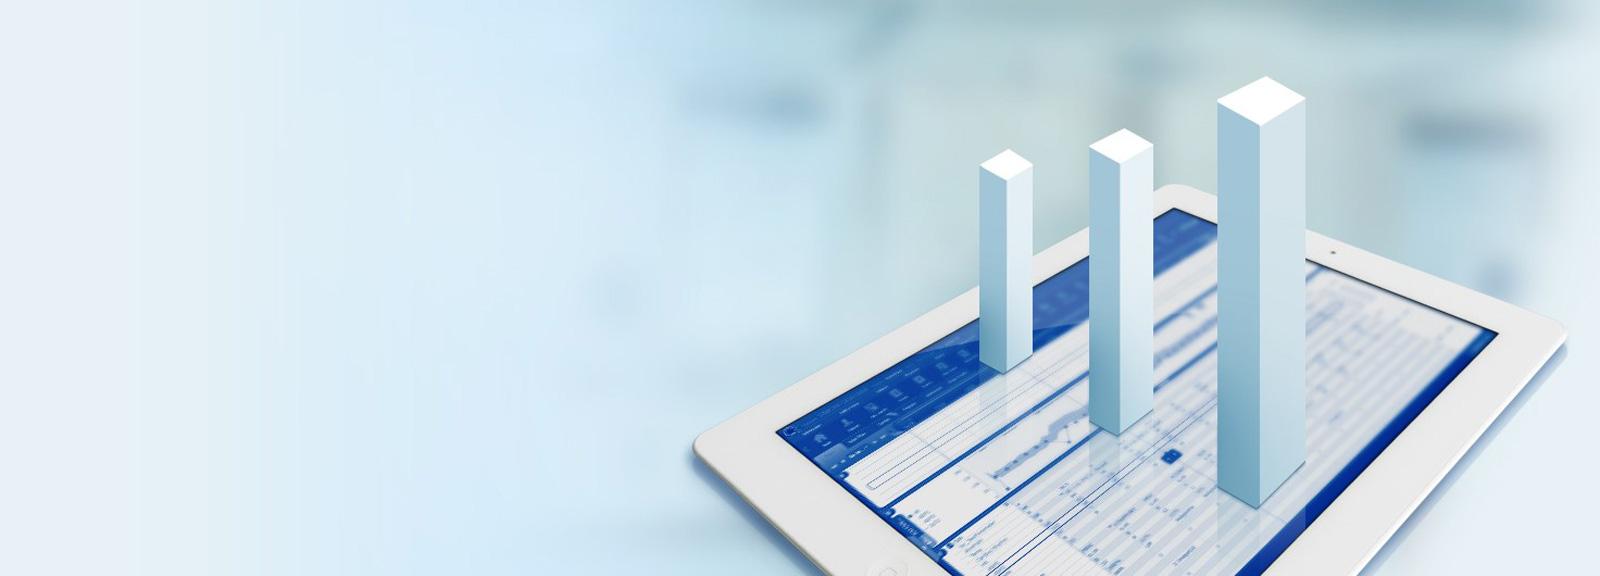 Nejvýhodnější hypotéka refico spočítat hypotéku